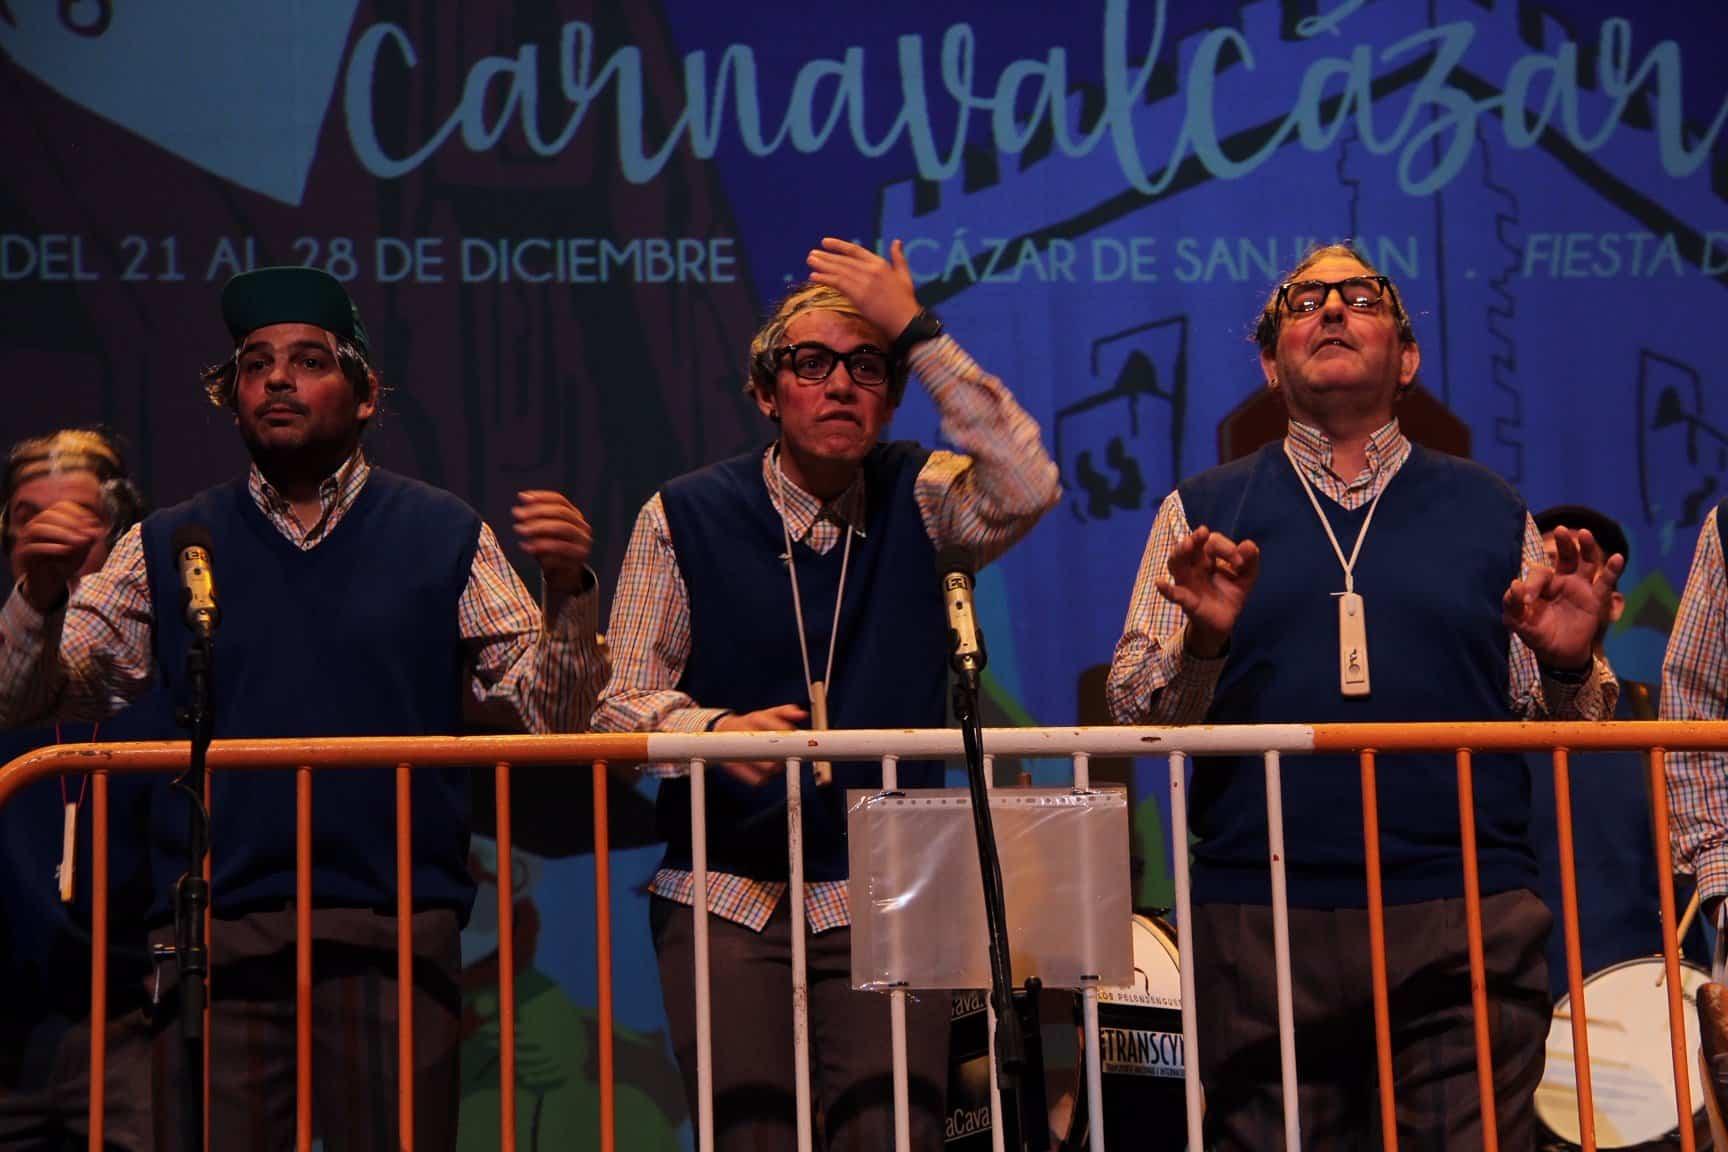 """festival murgas 2019 alcazar pelendengues herencia - """"Los Pelendegues"""" en la XXXIII edición del Festival de Murgas de Alcázar"""